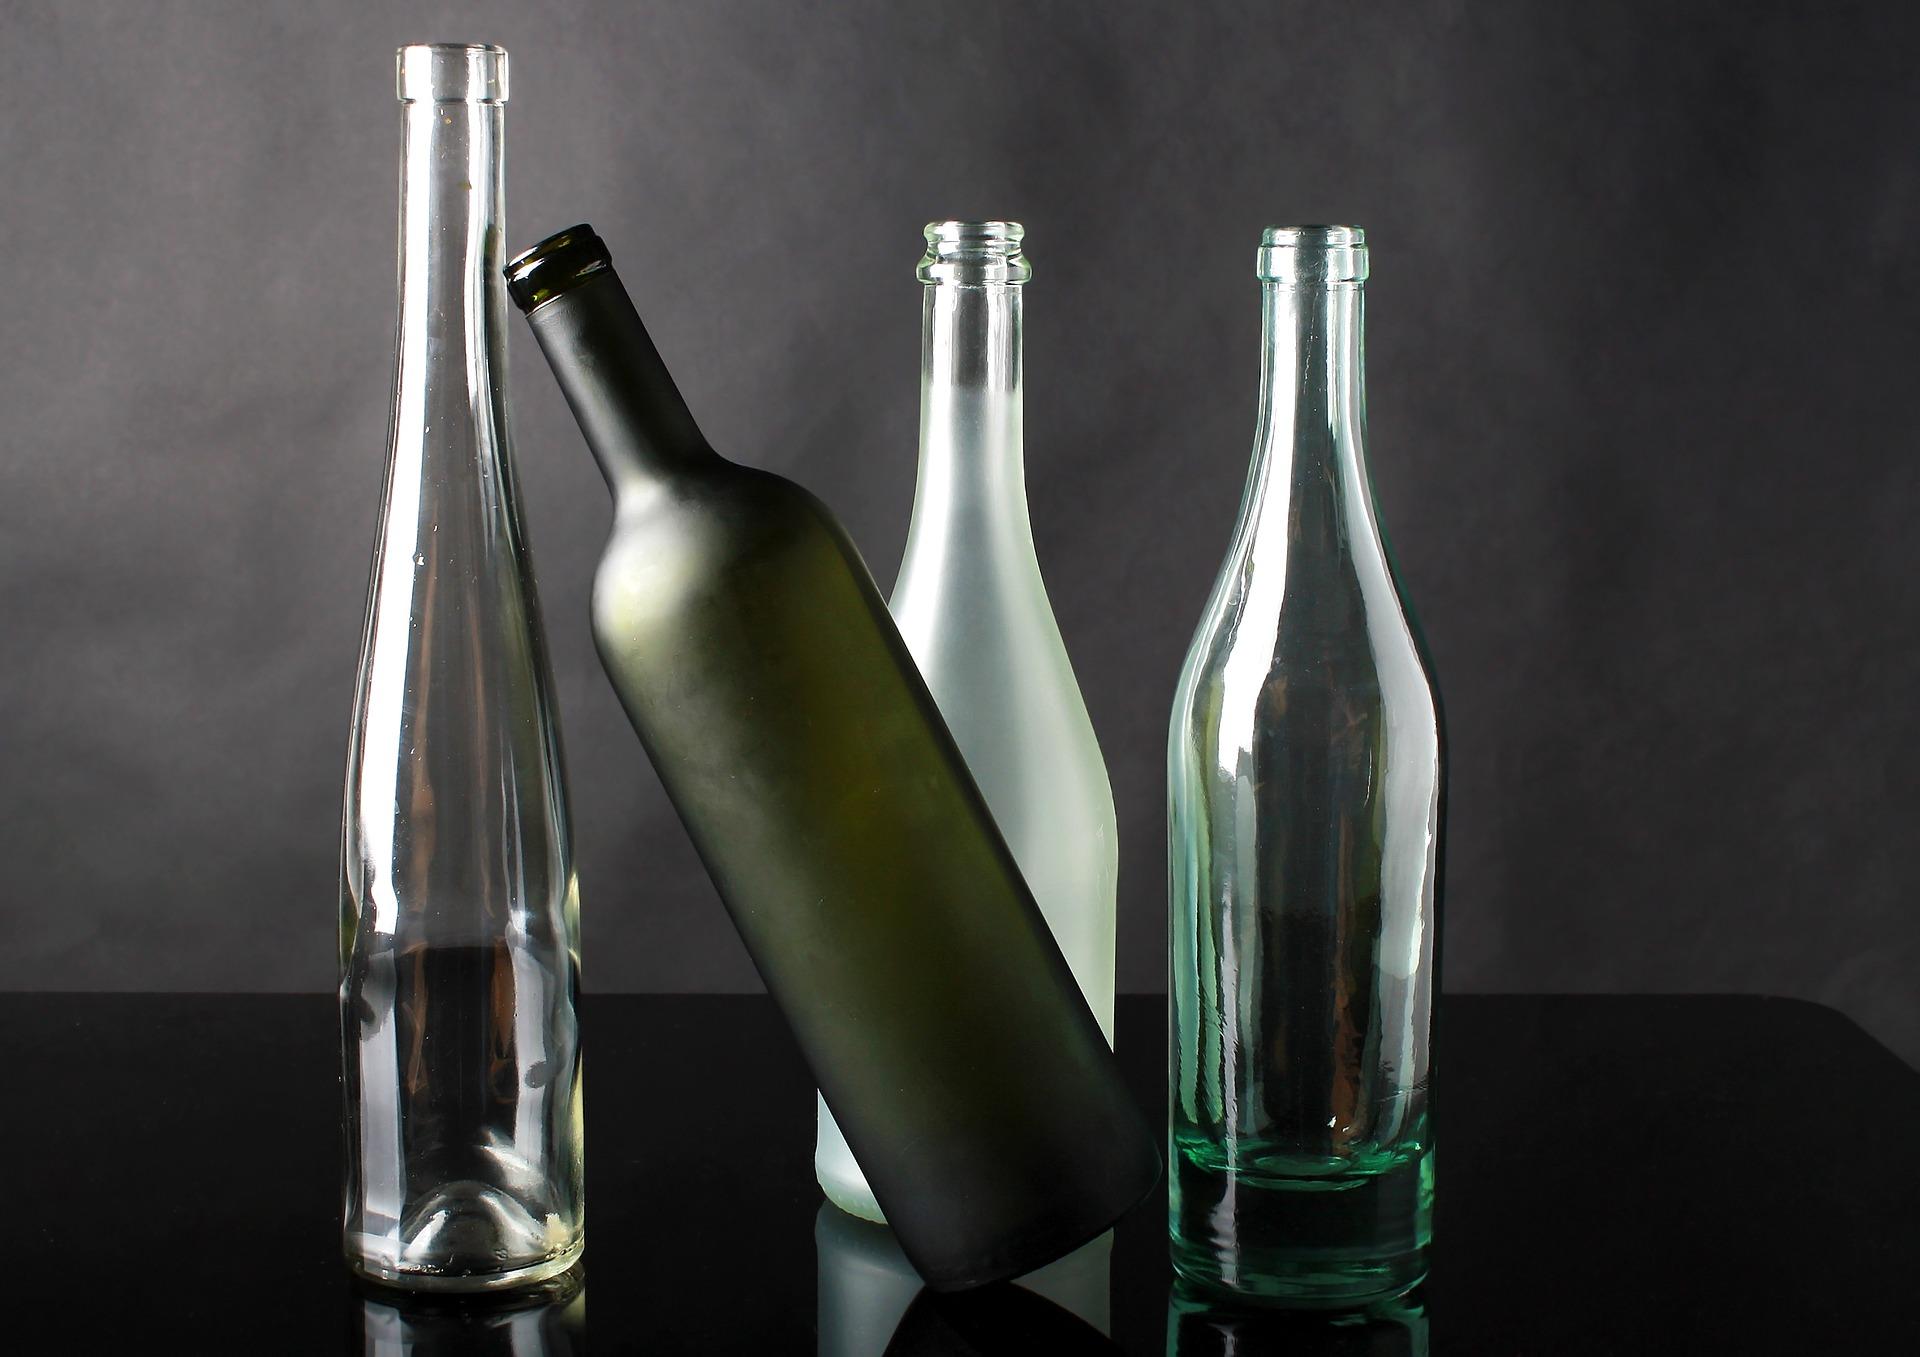 Kuvituskuva tyhjiä lasipulloja rivissä, yksi pullo on kaatumassa.